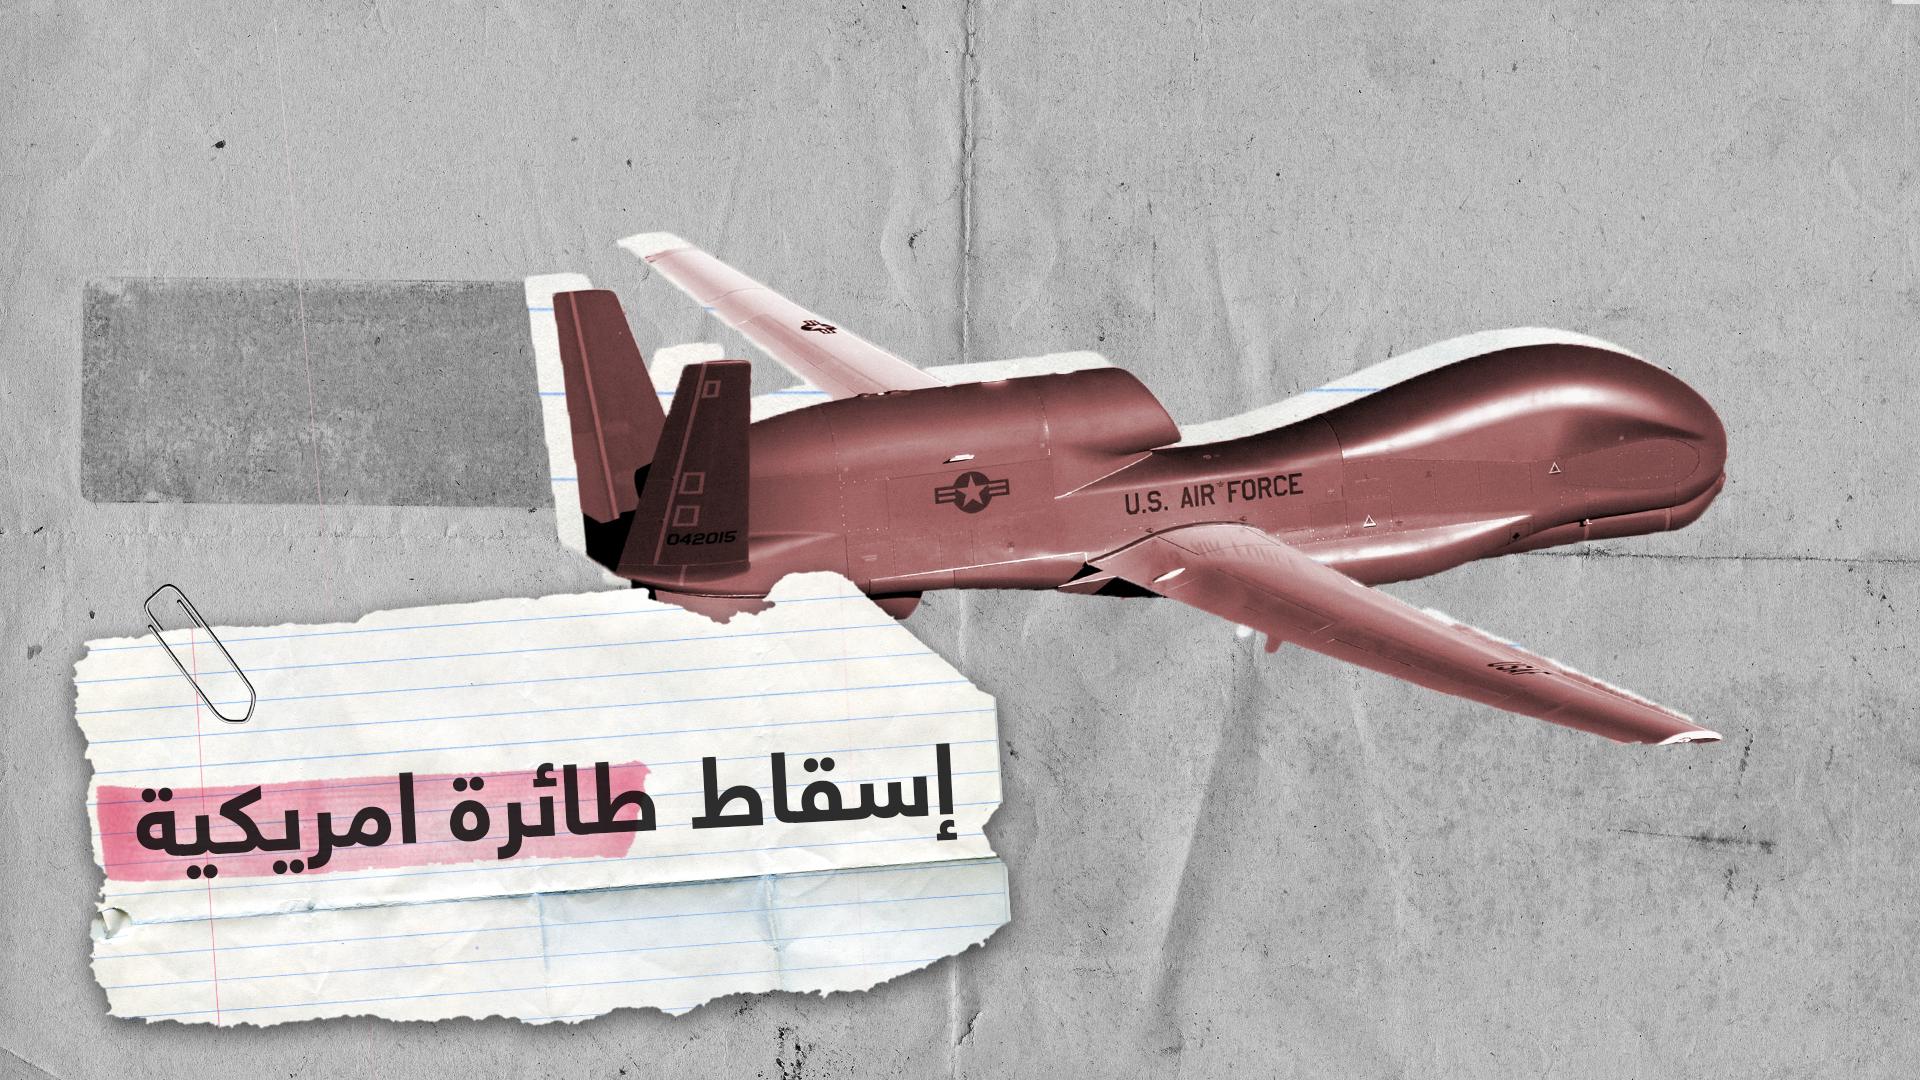 تعرف على خصائص الطائرة الأمريكية التي أسقطتها إيران